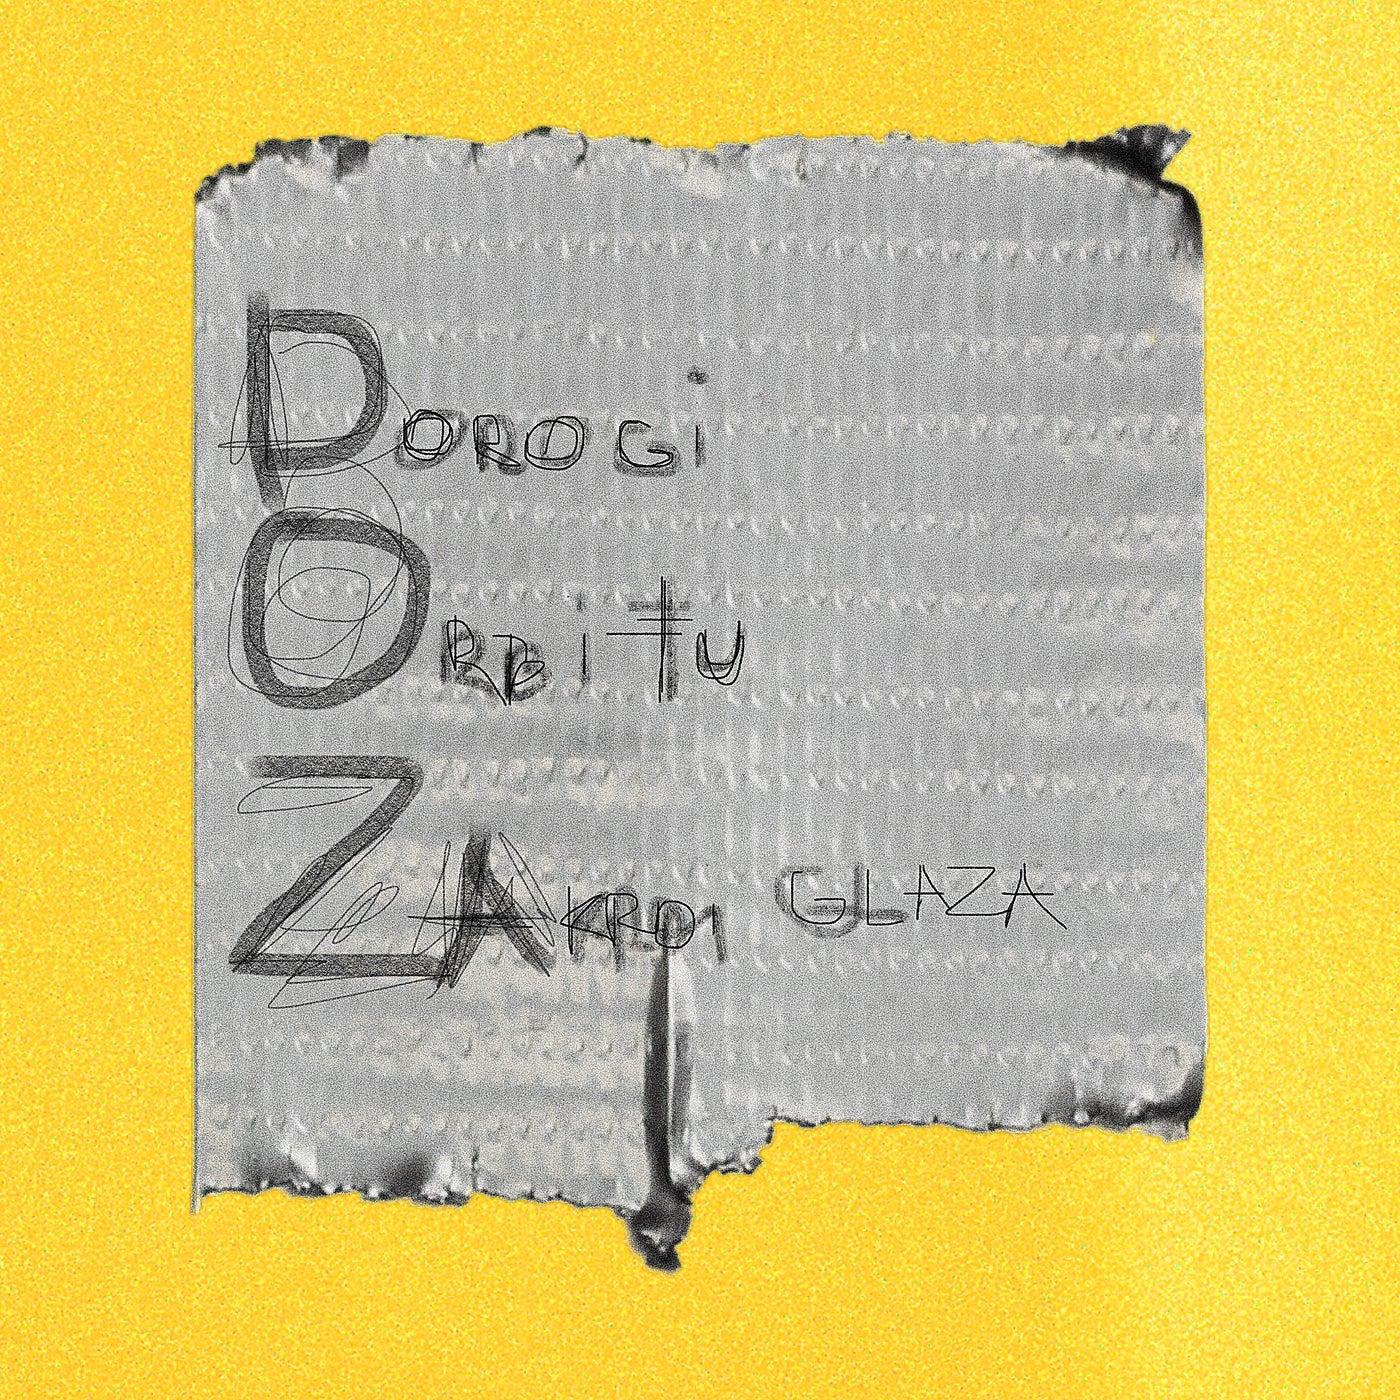 Download DOZA on Electrobuzz